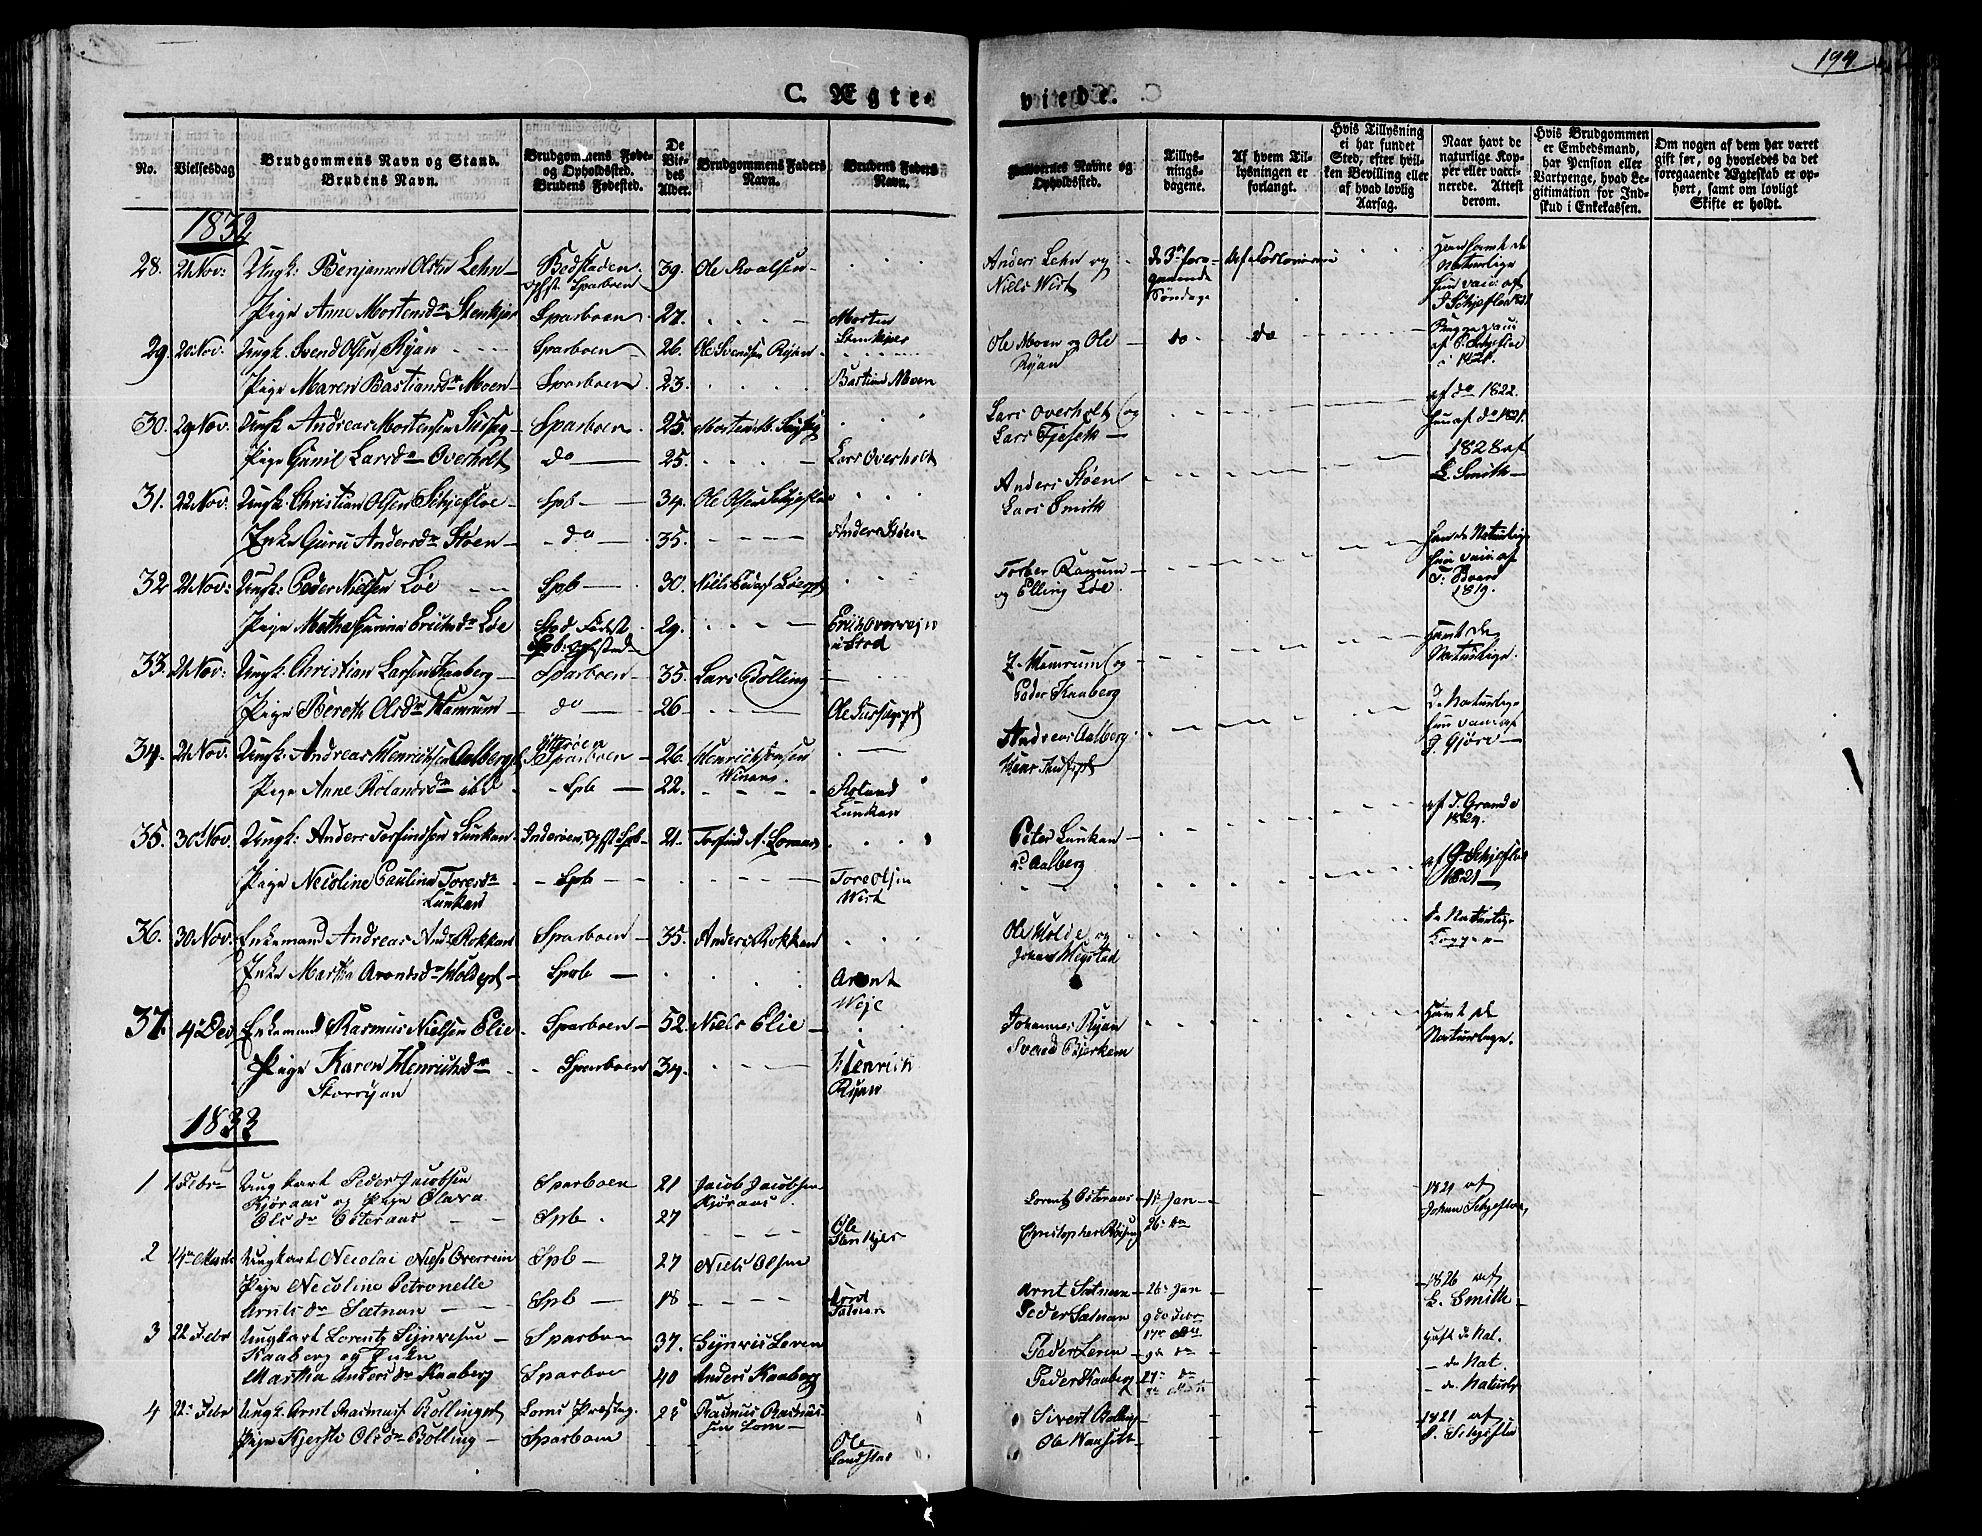 SAT, Ministerialprotokoller, klokkerbøker og fødselsregistre - Nord-Trøndelag, 735/L0336: Ministerialbok nr. 735A05 /1, 1825-1835, s. 194